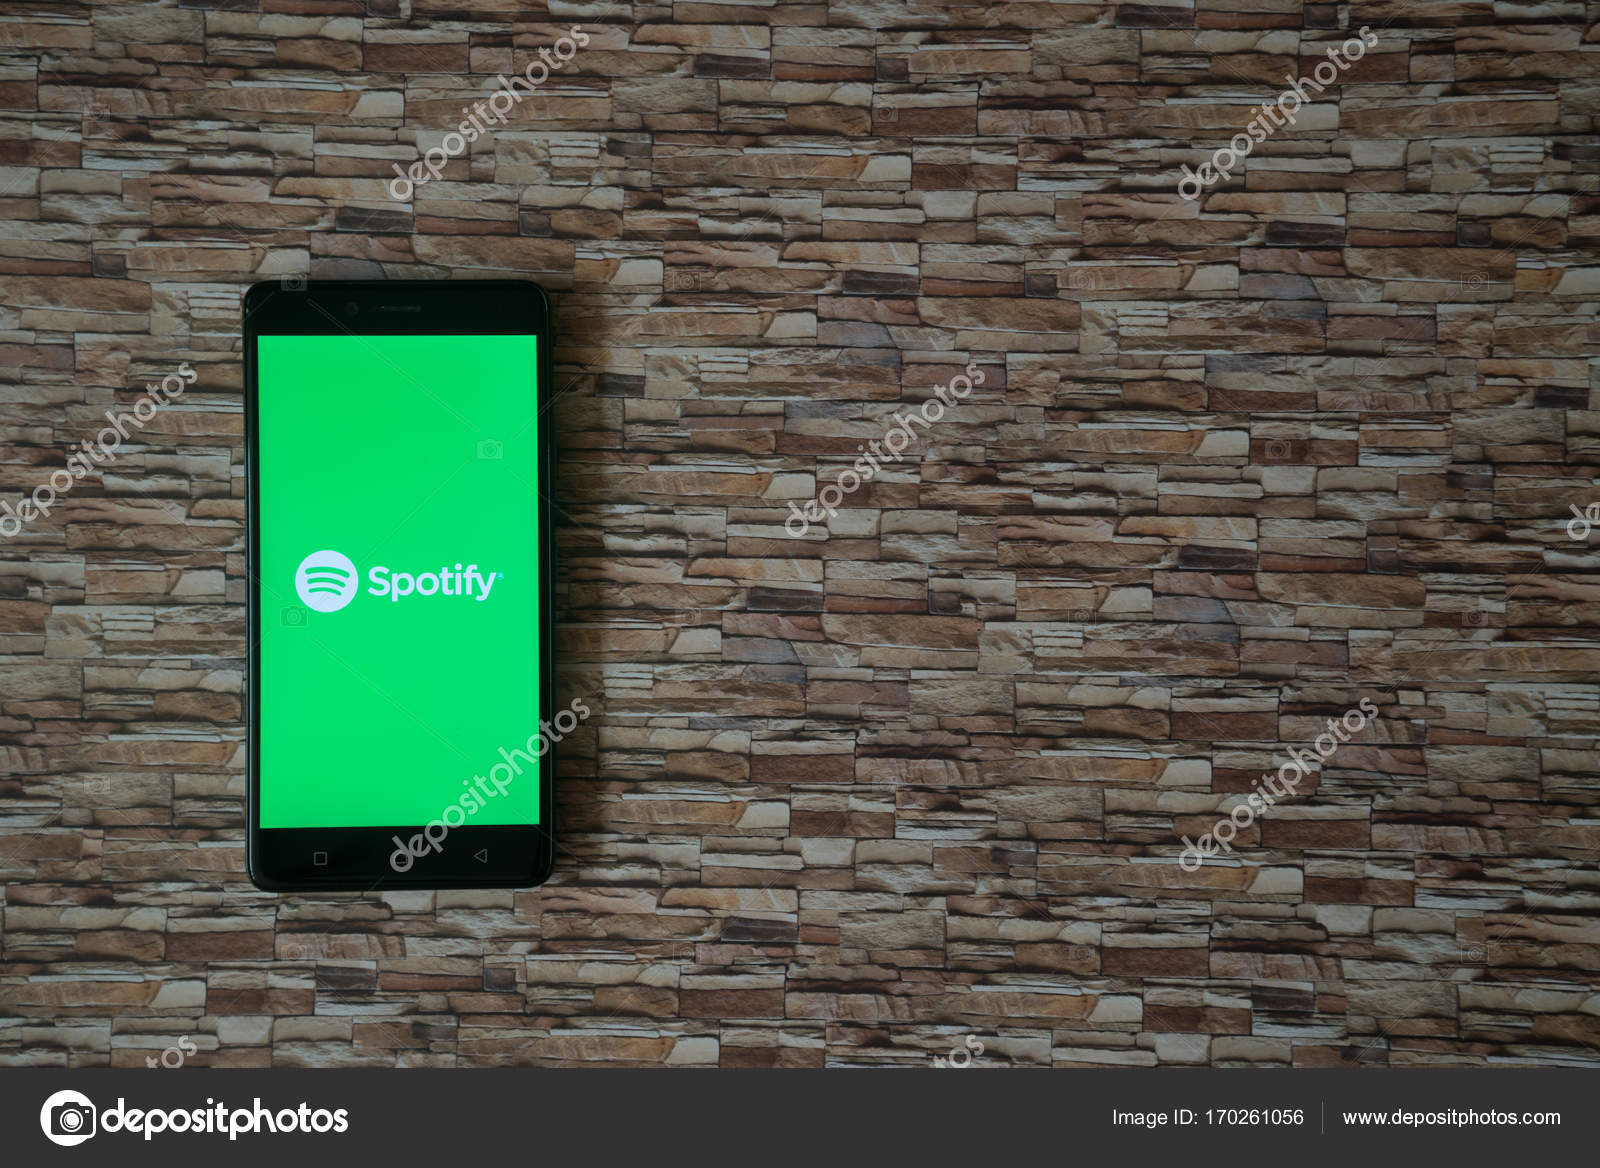 Spotify Logo Sullo Schermo Smartphone Sulla Pietra Sfondo Di Fronte